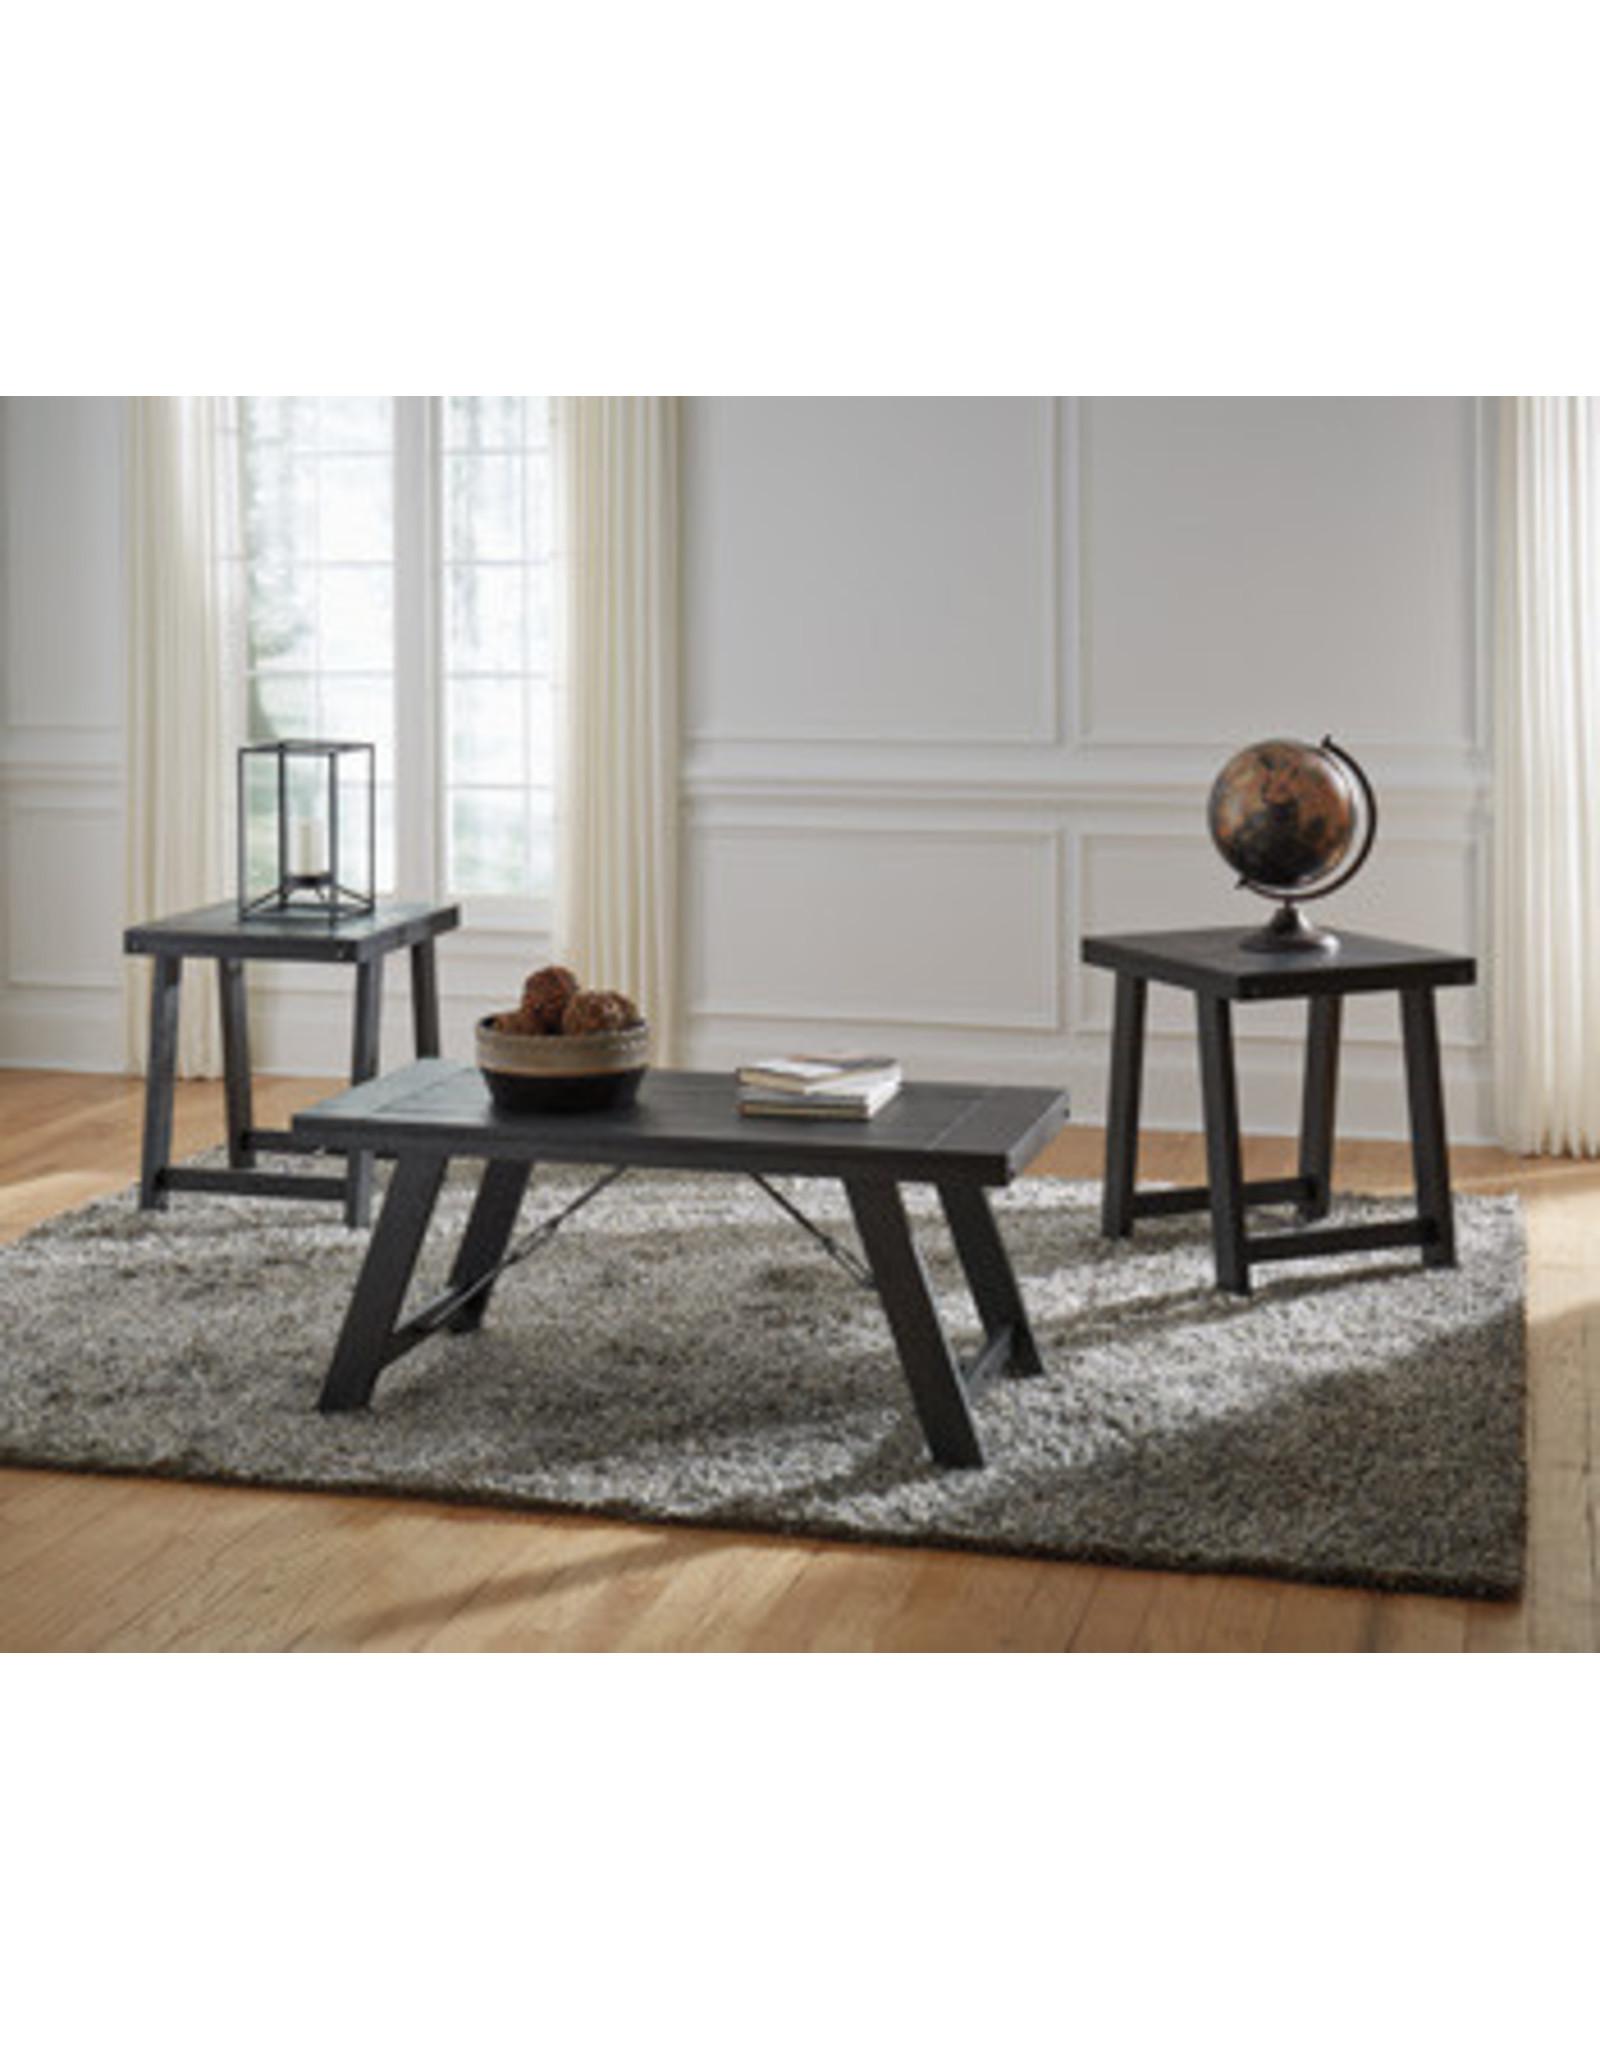 Noorbrook T351-13 Coffee Table Set